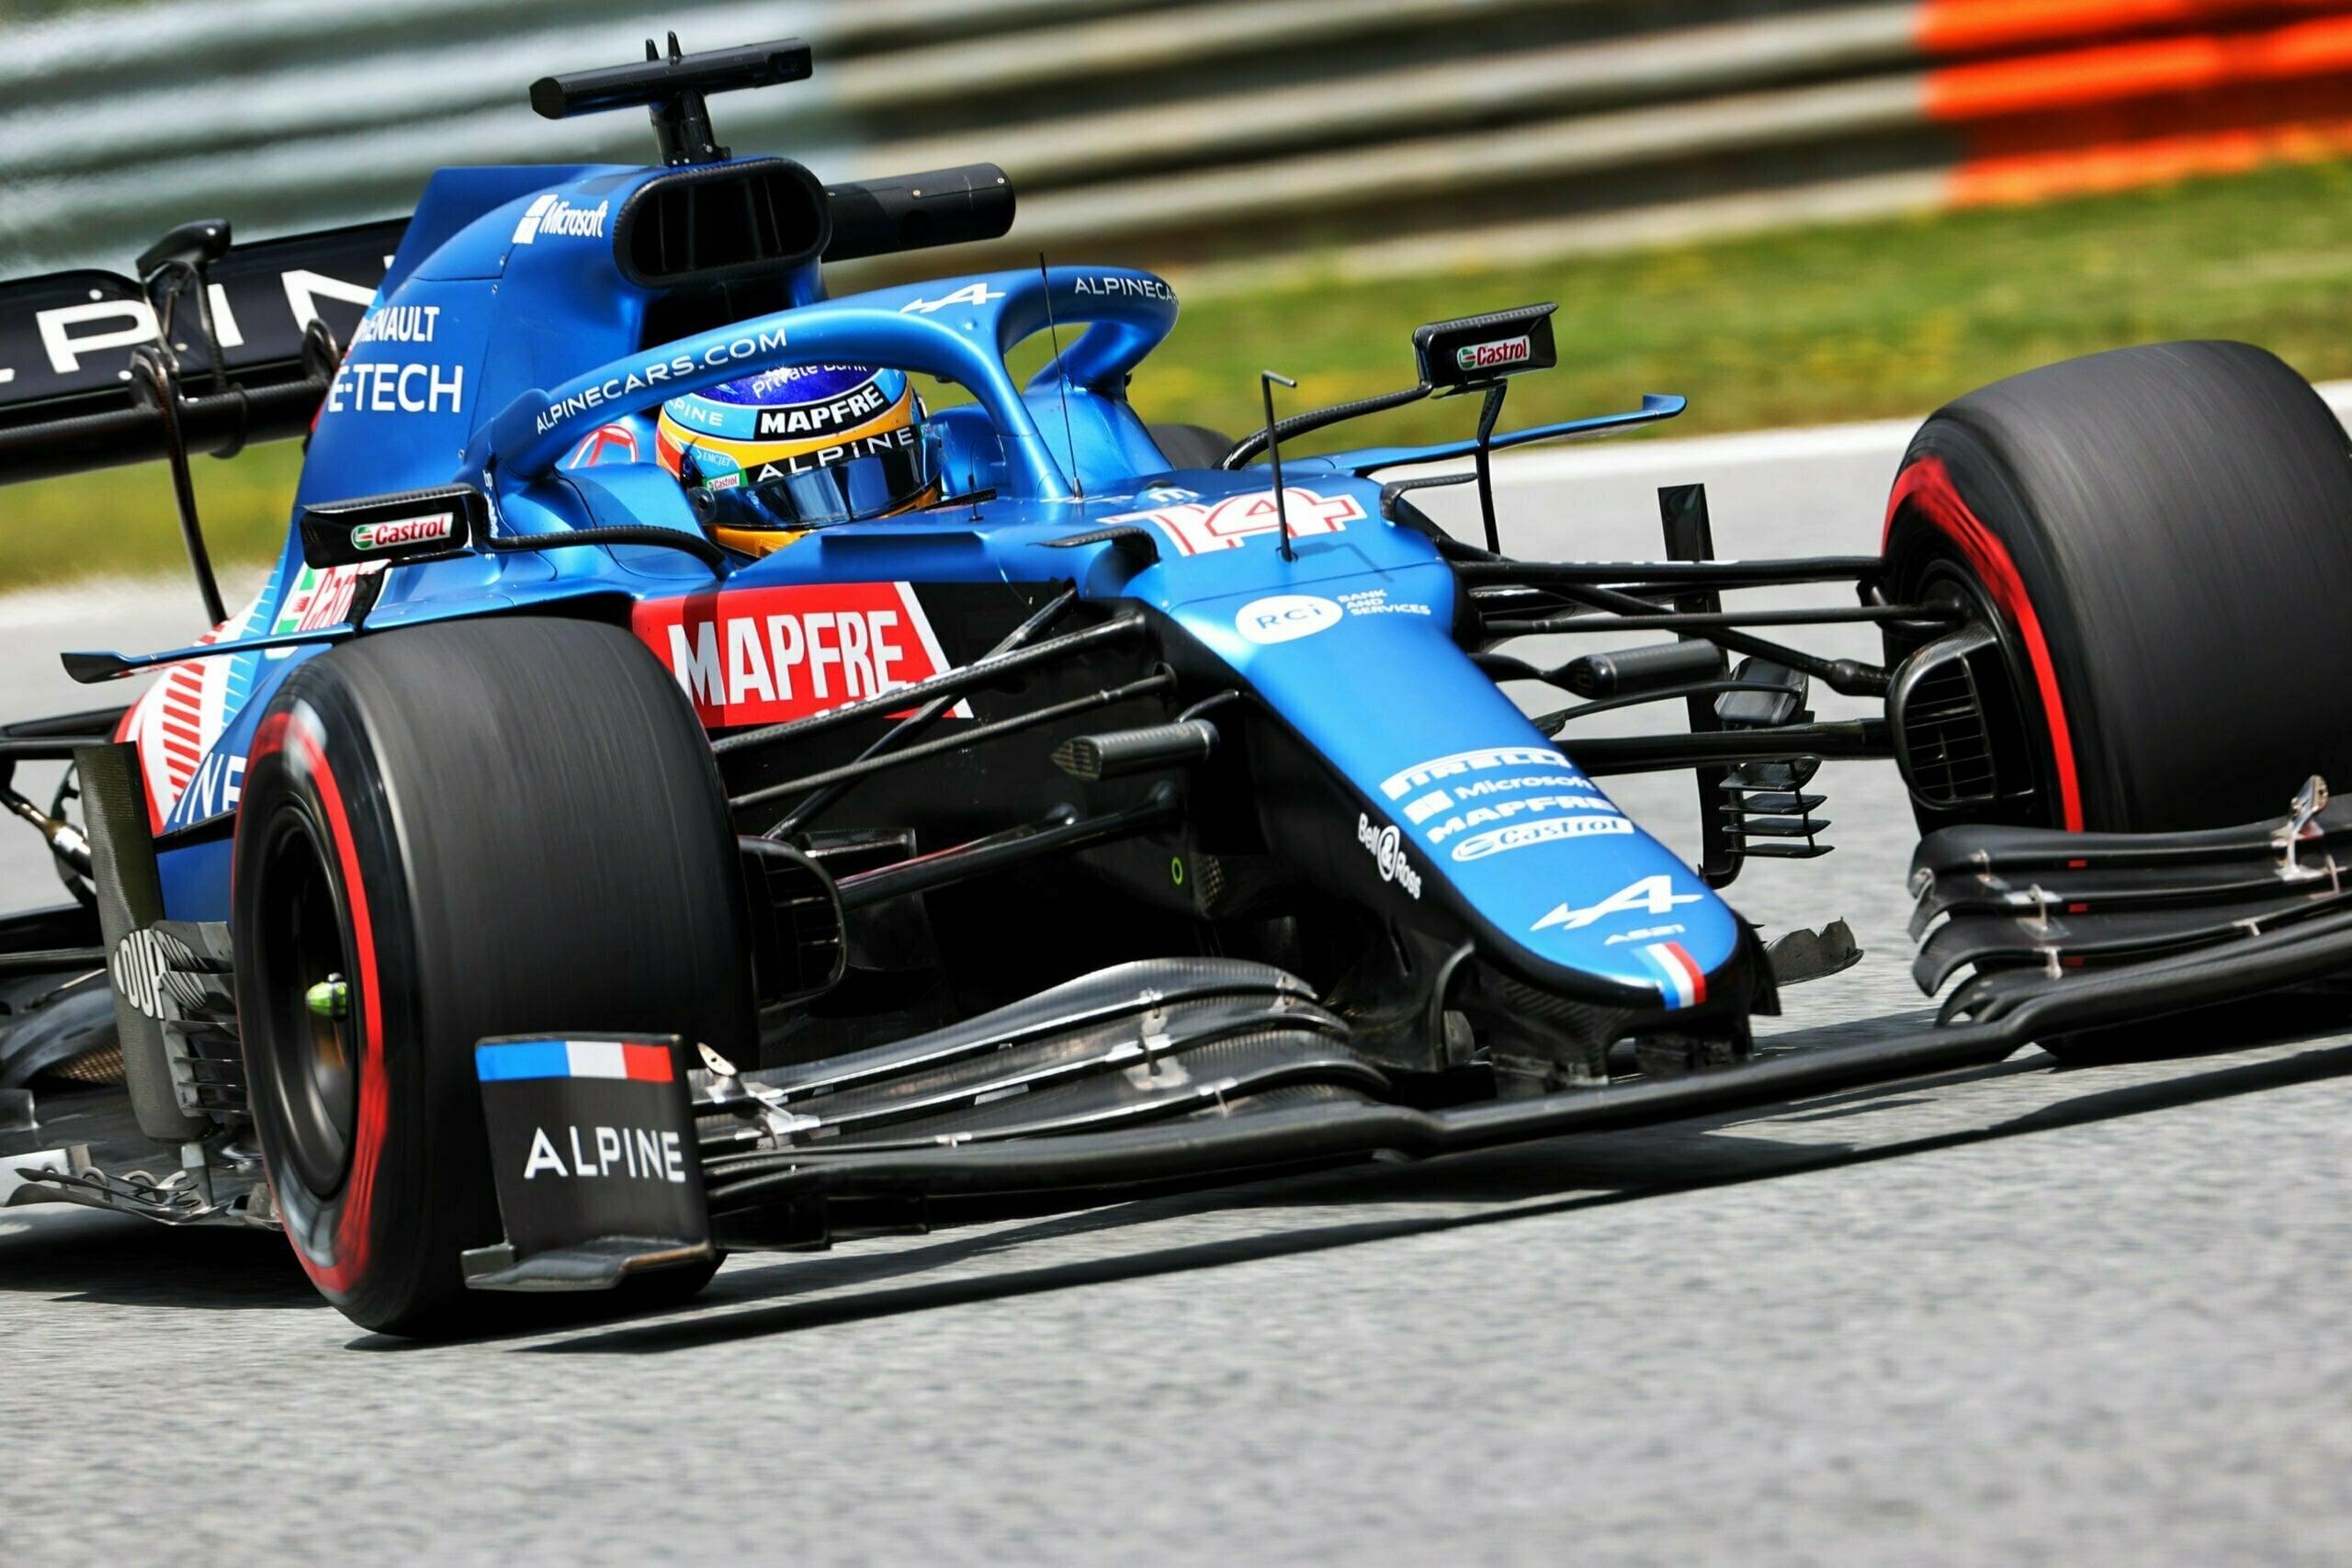 Alpine F1 Team Alonso Ocon Autriche Steiermark Grand Prix Spielberg A521 2021 21 scaled   Alpine F1 : Alonso réitère la Q3 et Ocon trébuche en Q1 à Spielberg